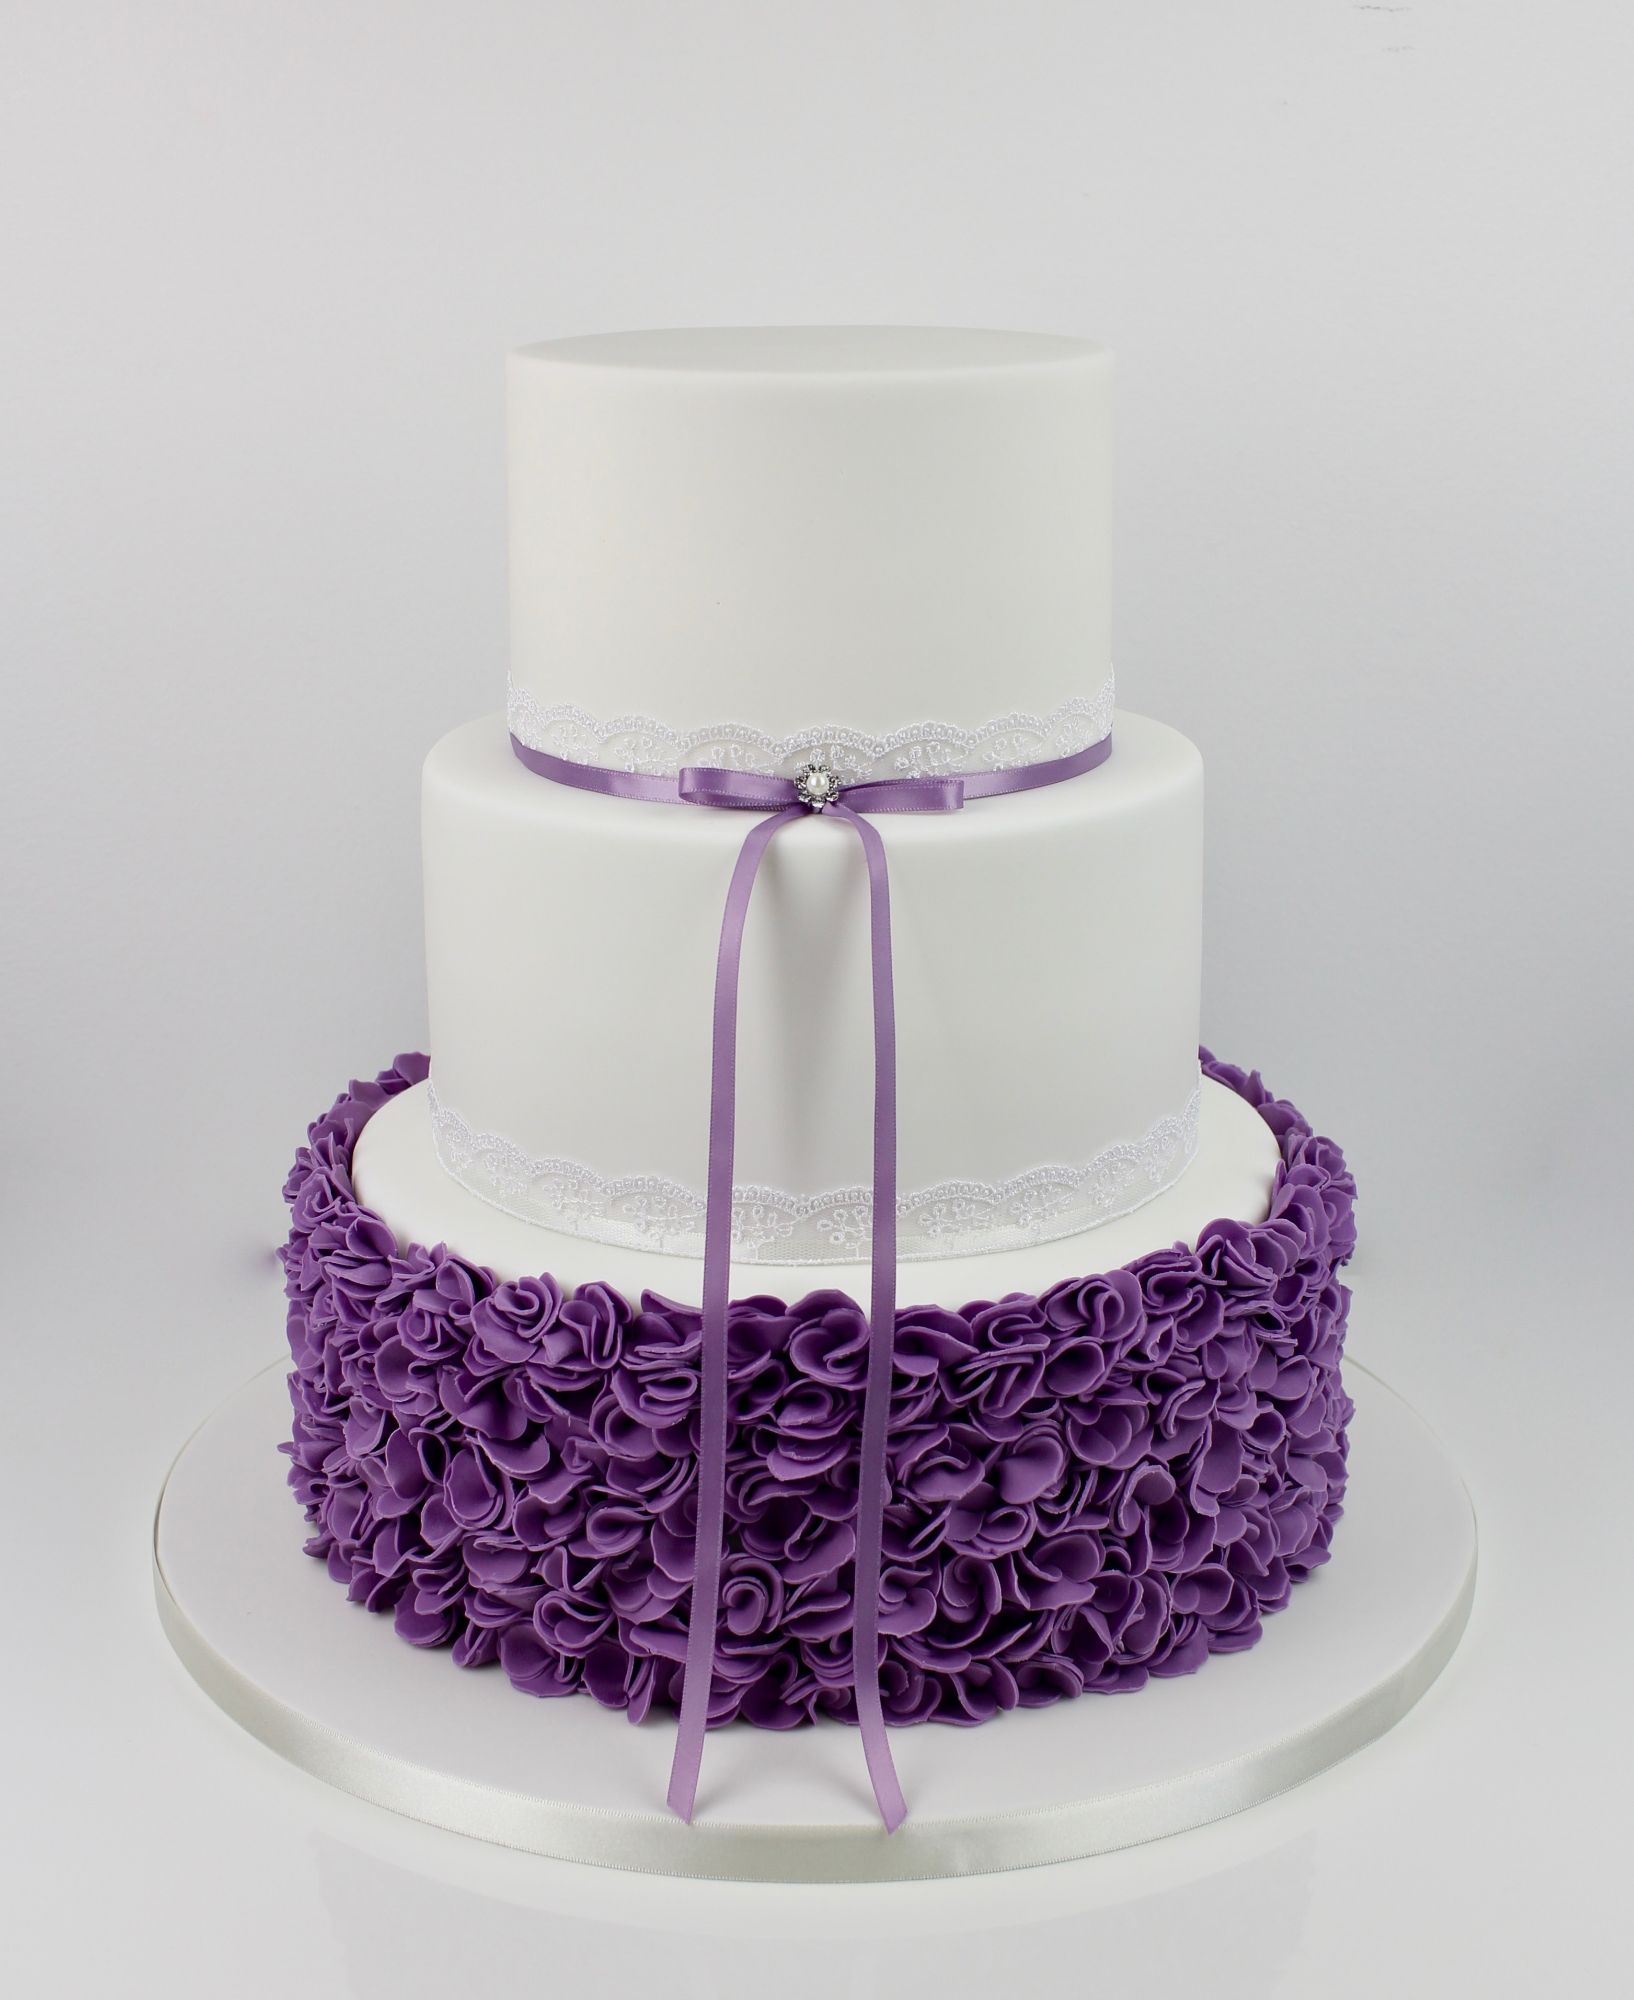 Purple scrunched ruffles